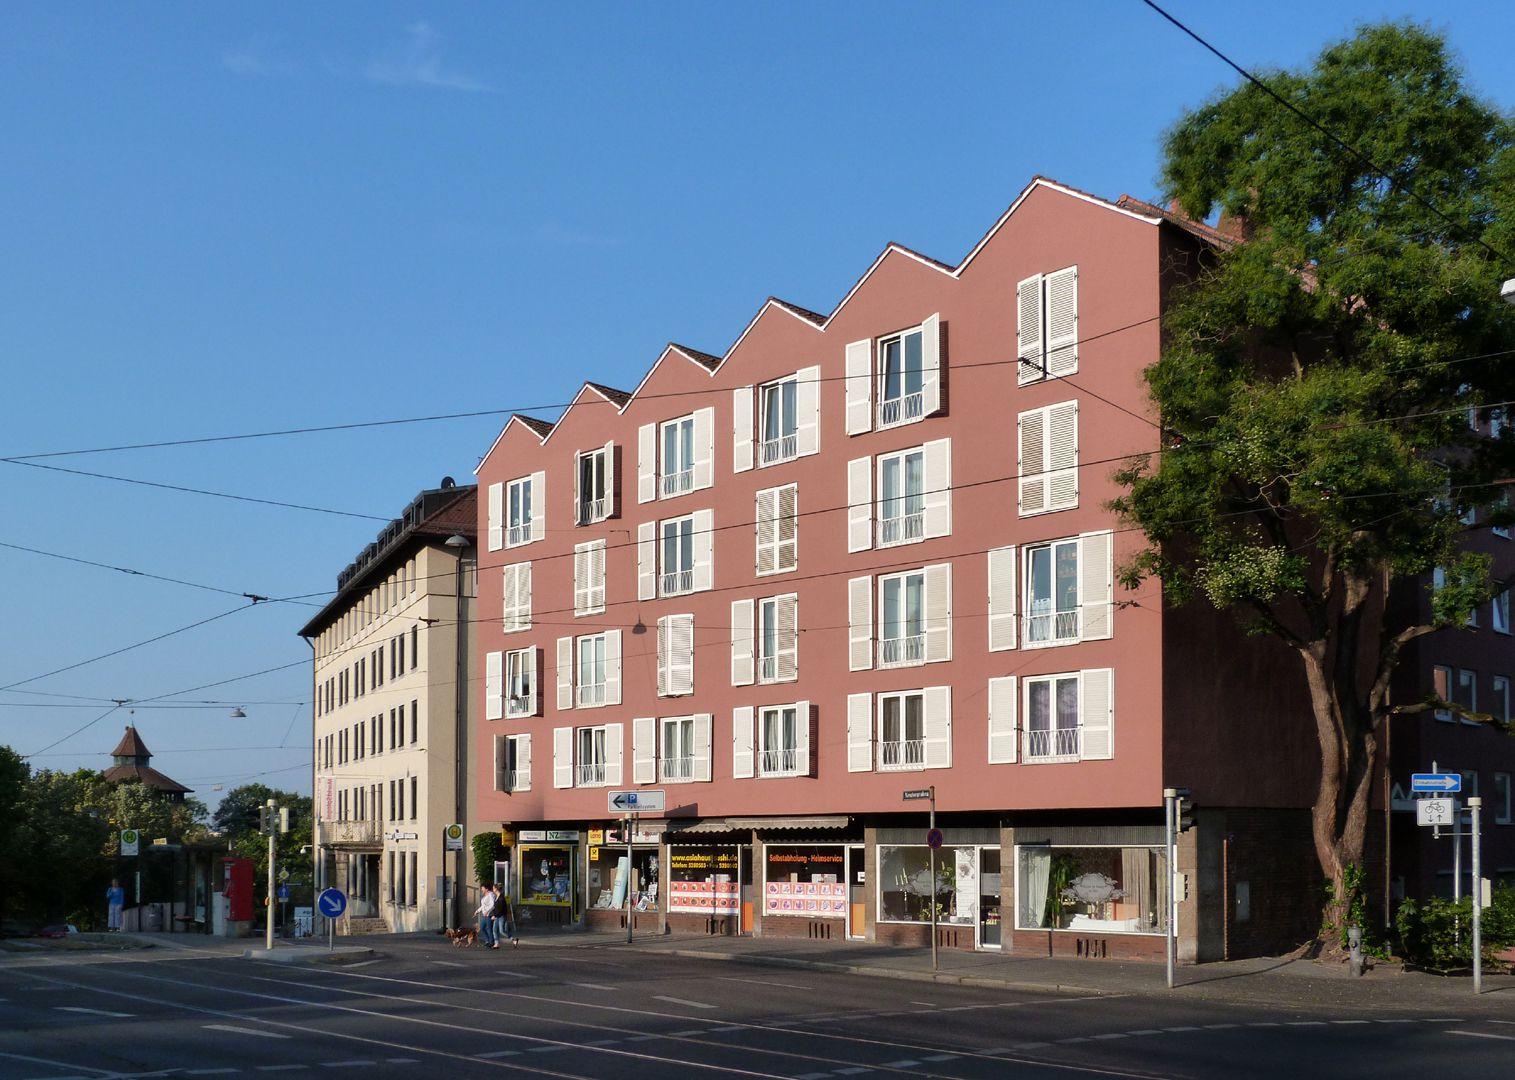 Wohn- und Geschäftshaus Fassade mit Blick zum Neutorturm